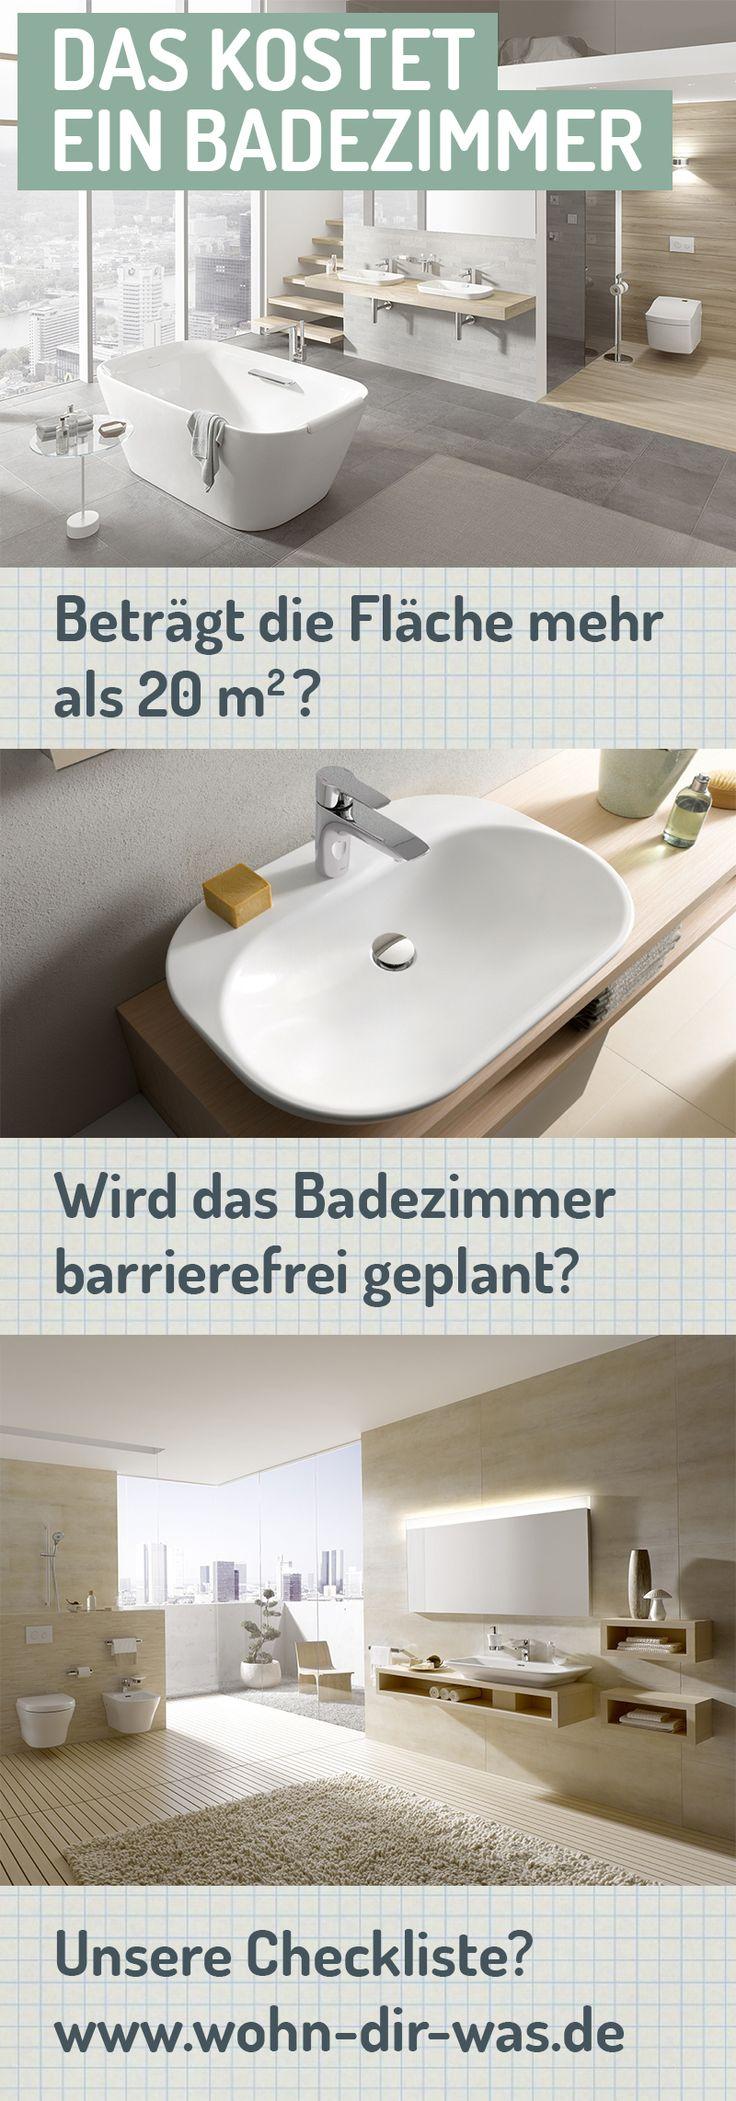 Was kostet ein schickes neues Bad? Nicht einfach zu sagen!  www.wohn-dir-was.de hilft, sich eine Vorstellung über die Kosten  zu machen. Bildmaterial: TOTO